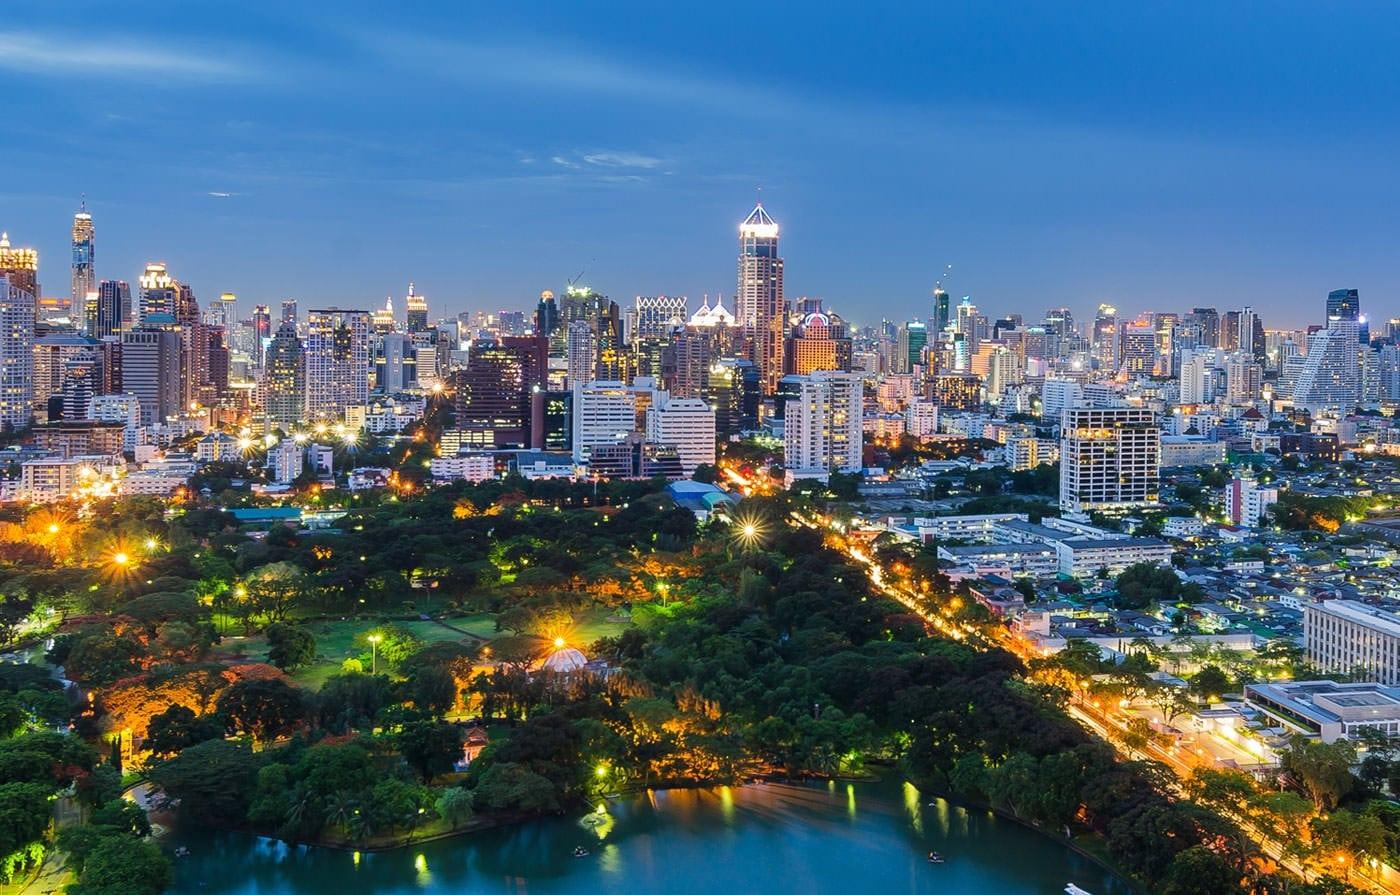 لومبيني بارك تايلاند